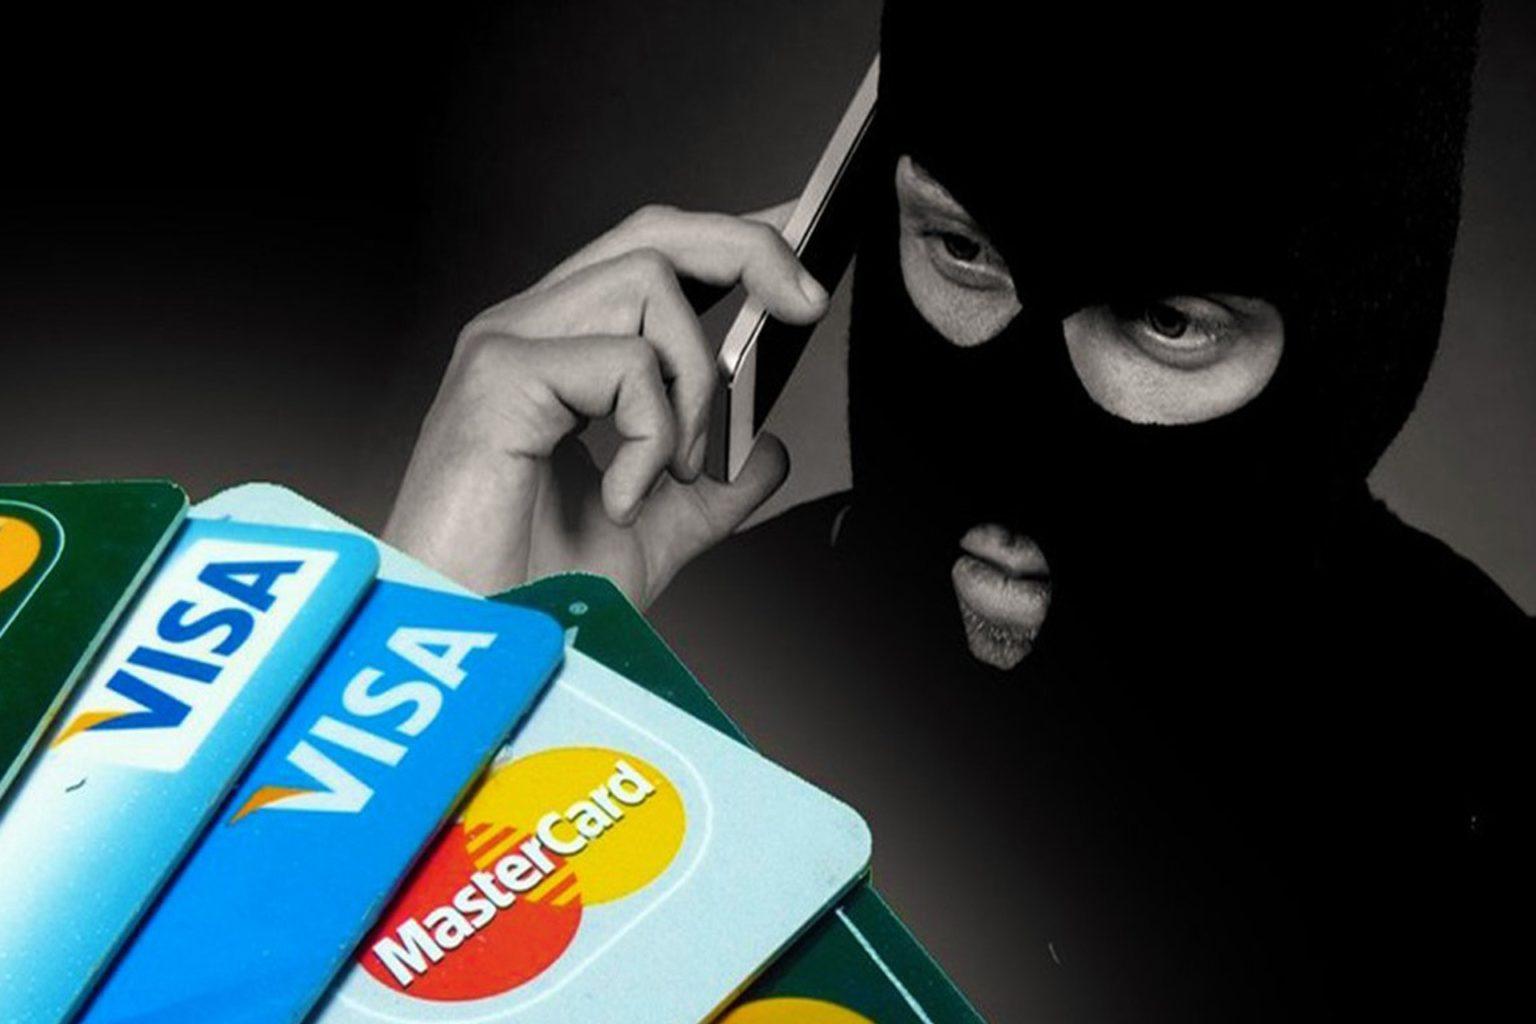 Зловмисник  викрав у пенсіонерки банківську картку та незаконно перерахував з неї 8 тисяч 750 гривень.